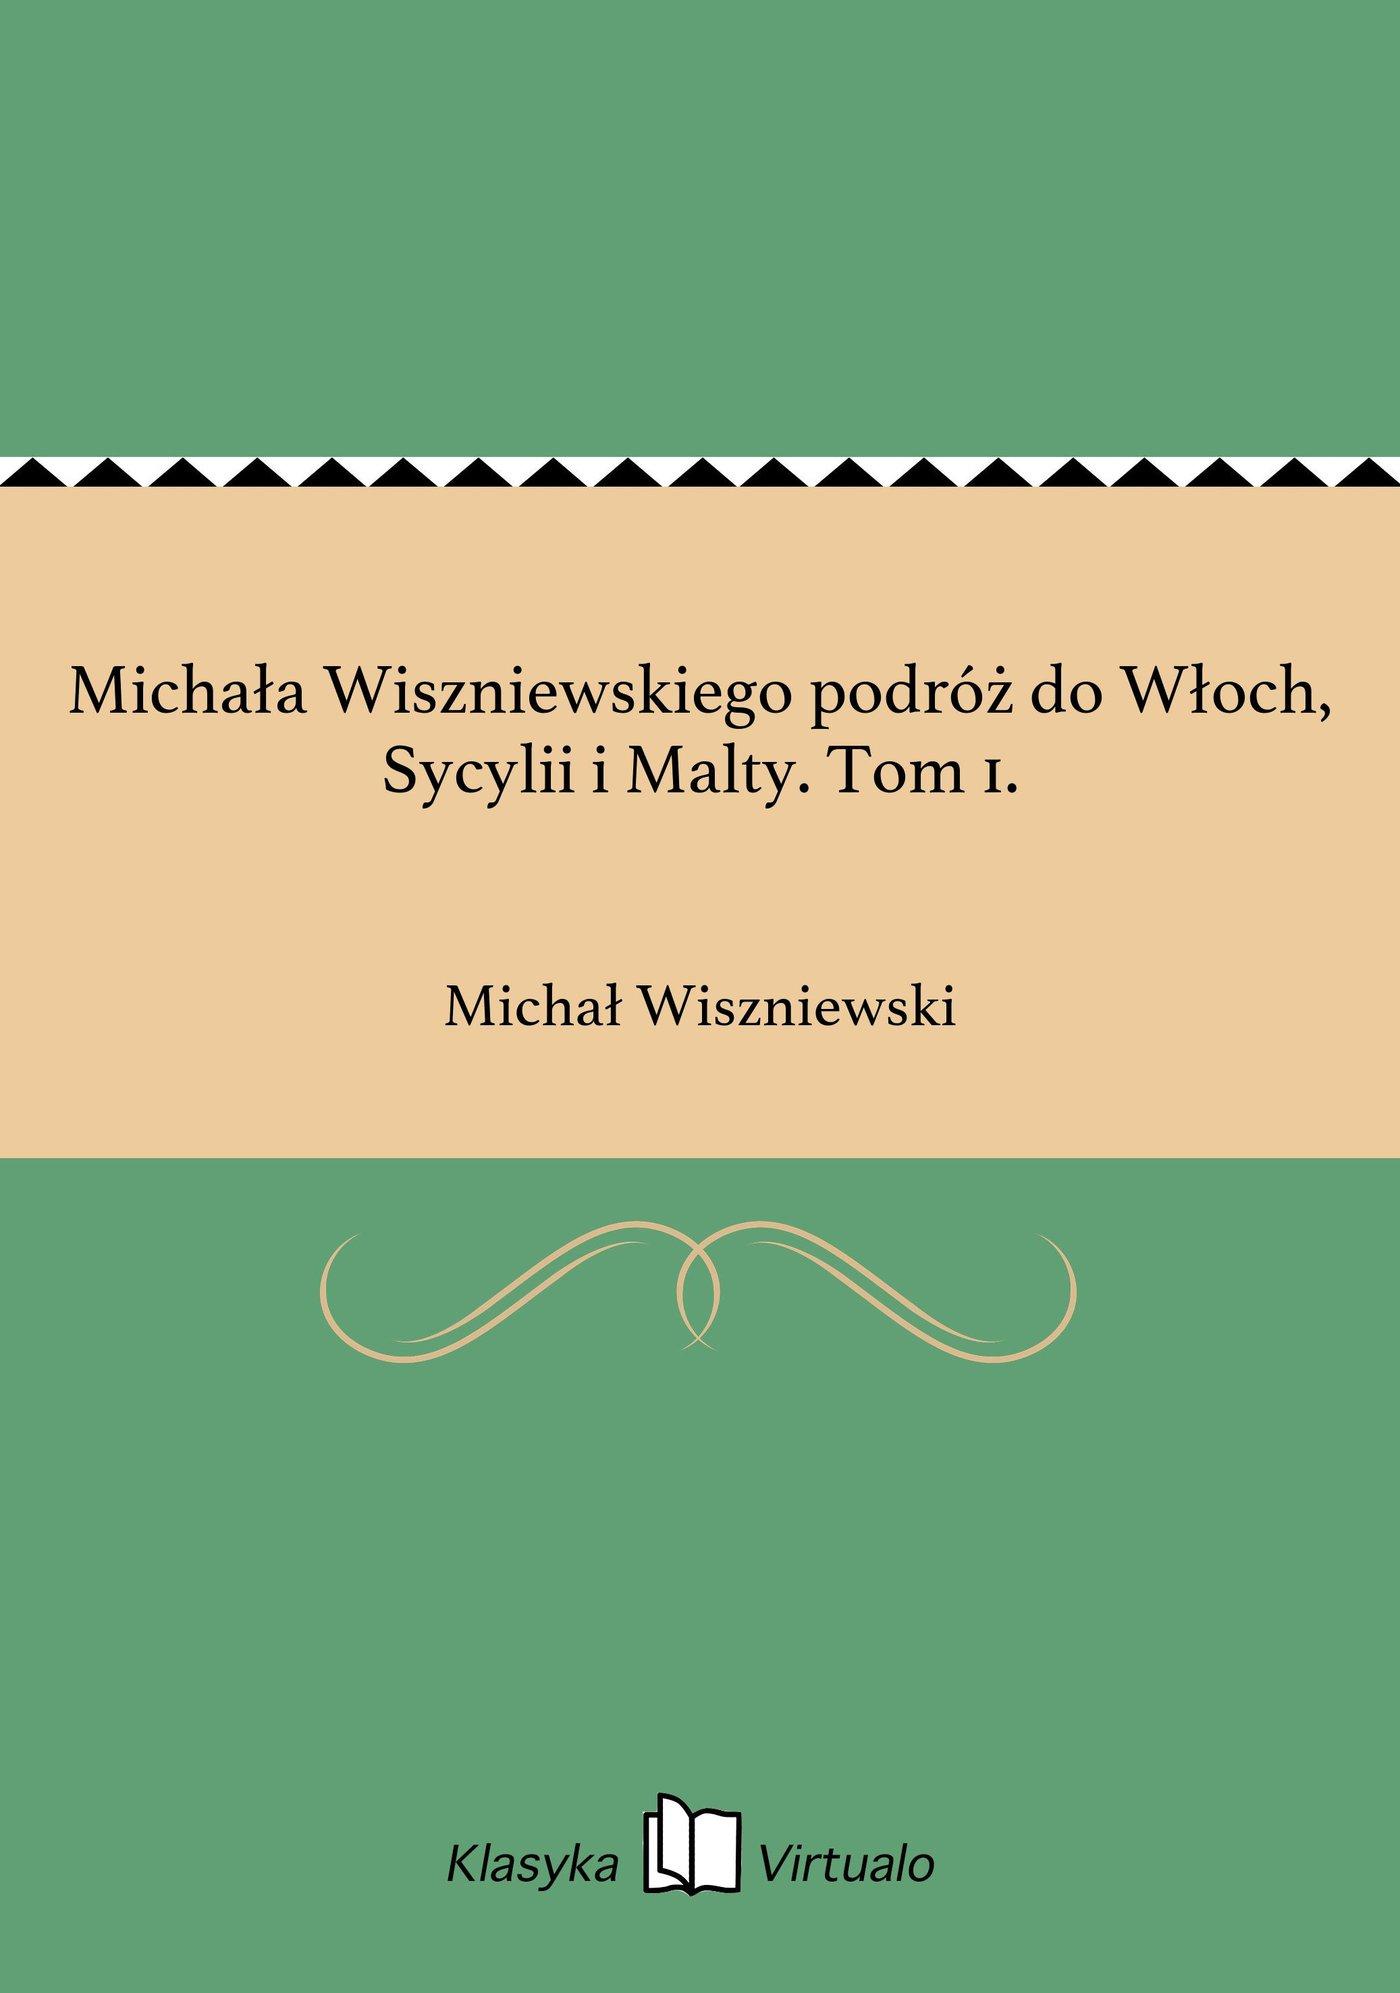 Michała Wiszniewskiego podróż do Włoch, Sycylii i Malty. Tom 1. - Ebook (Książka na Kindle) do pobrania w formacie MOBI